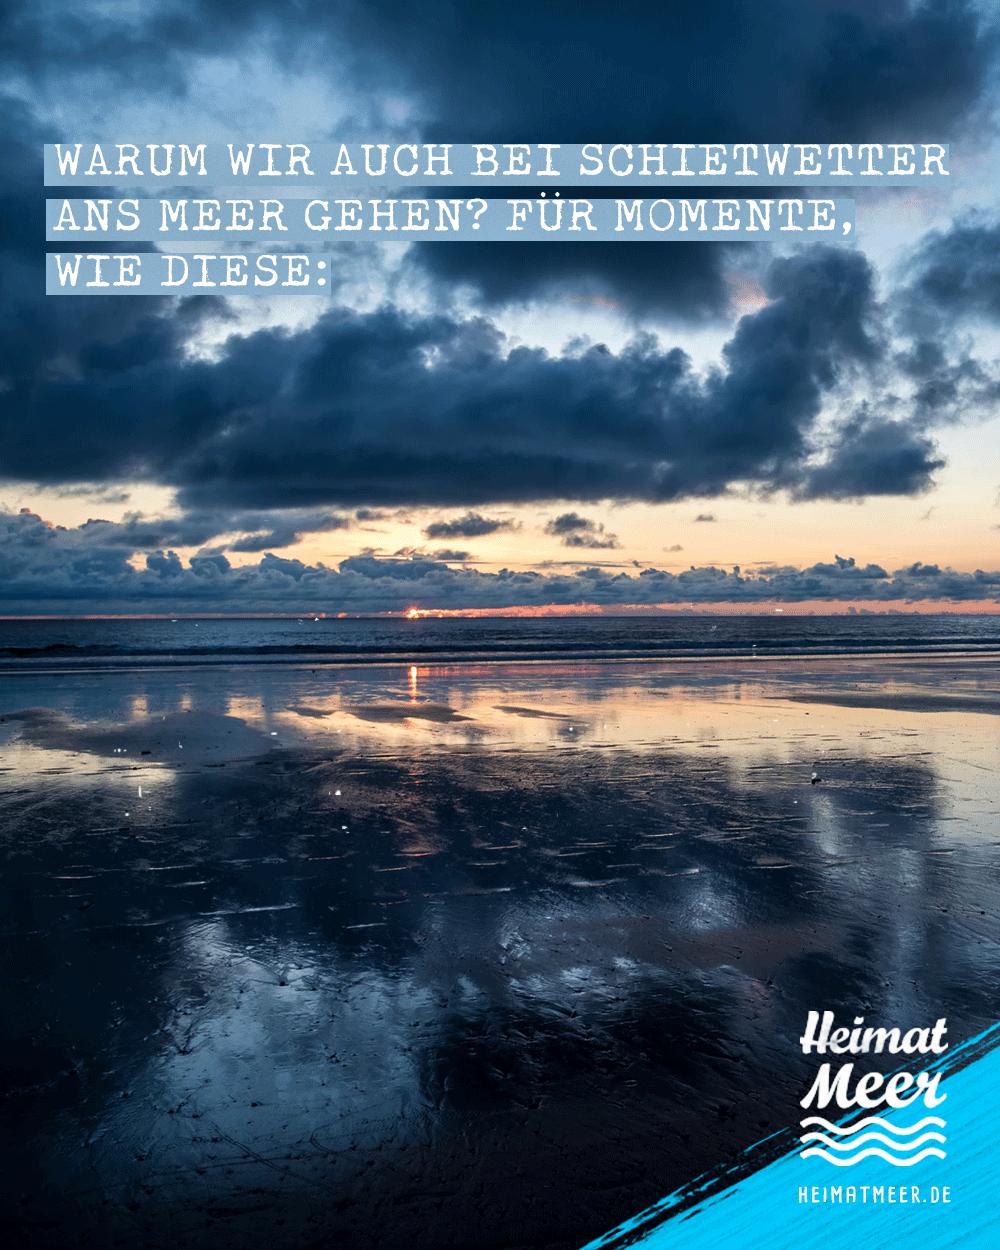 Schietwetter Sweater Hoodie Unisex Blau Strand Zitate Zitate Und Spruche Zitate